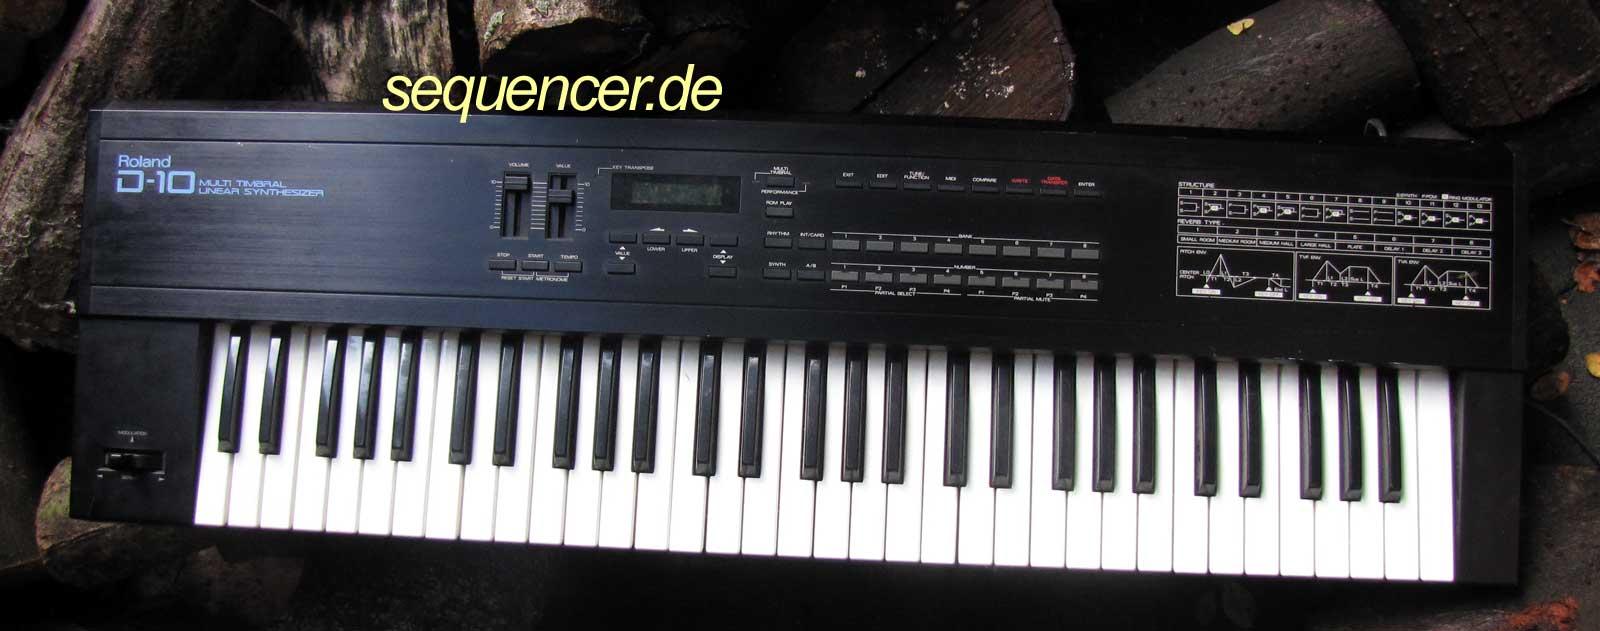 Roland D10/D110